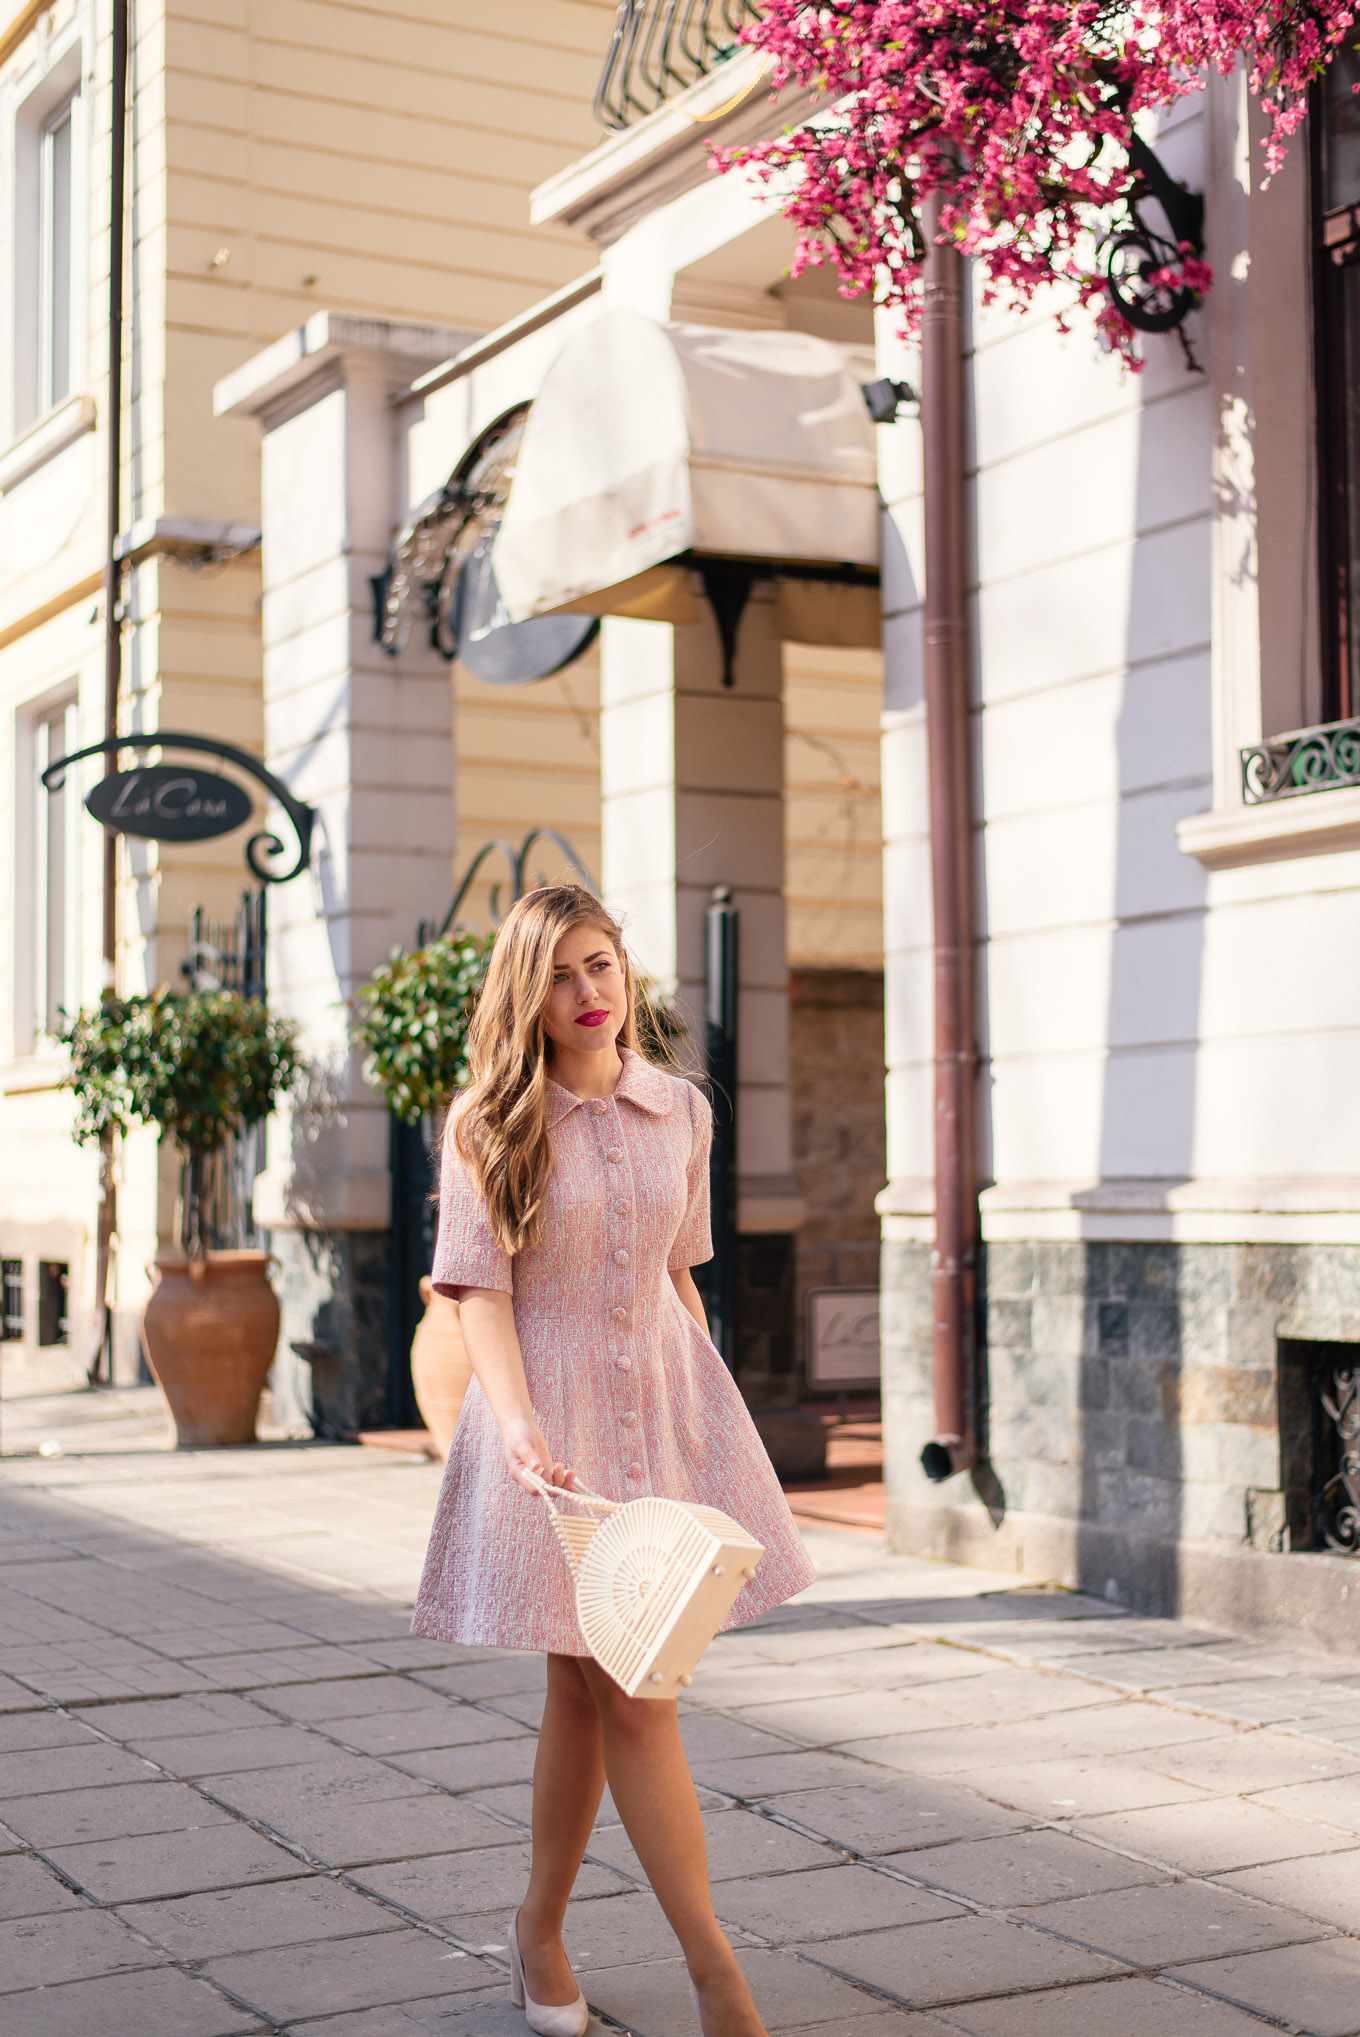 Denina-Martin wearing galmeetsglam dress